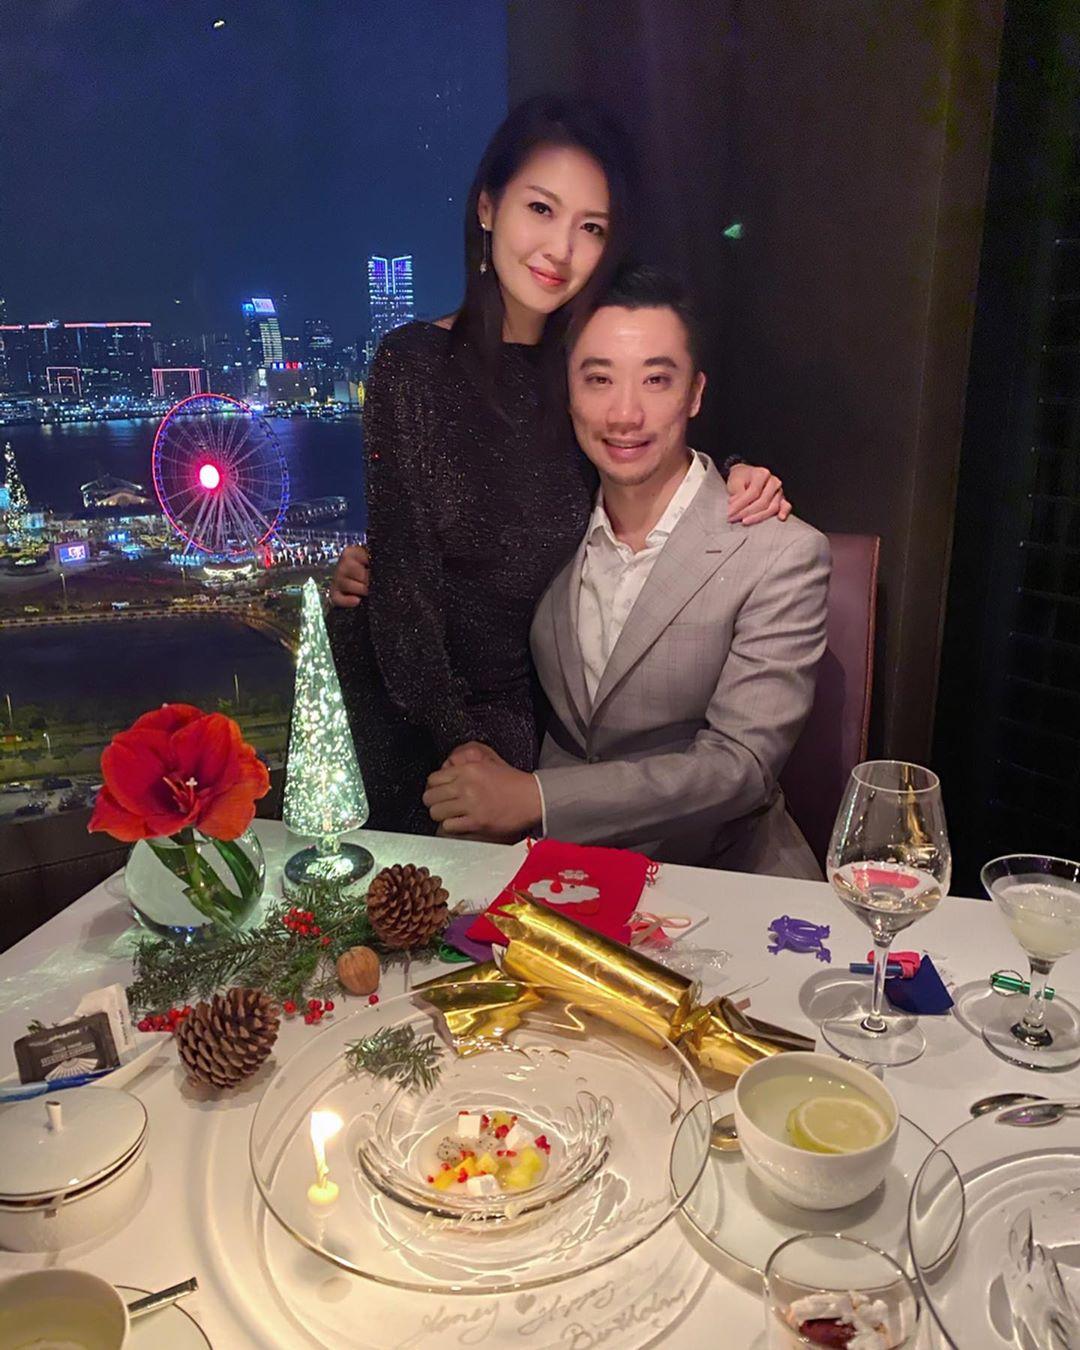 陳庭欣(左)早前先同男友Benny Sweet爆慶祝完聖誕及生日。